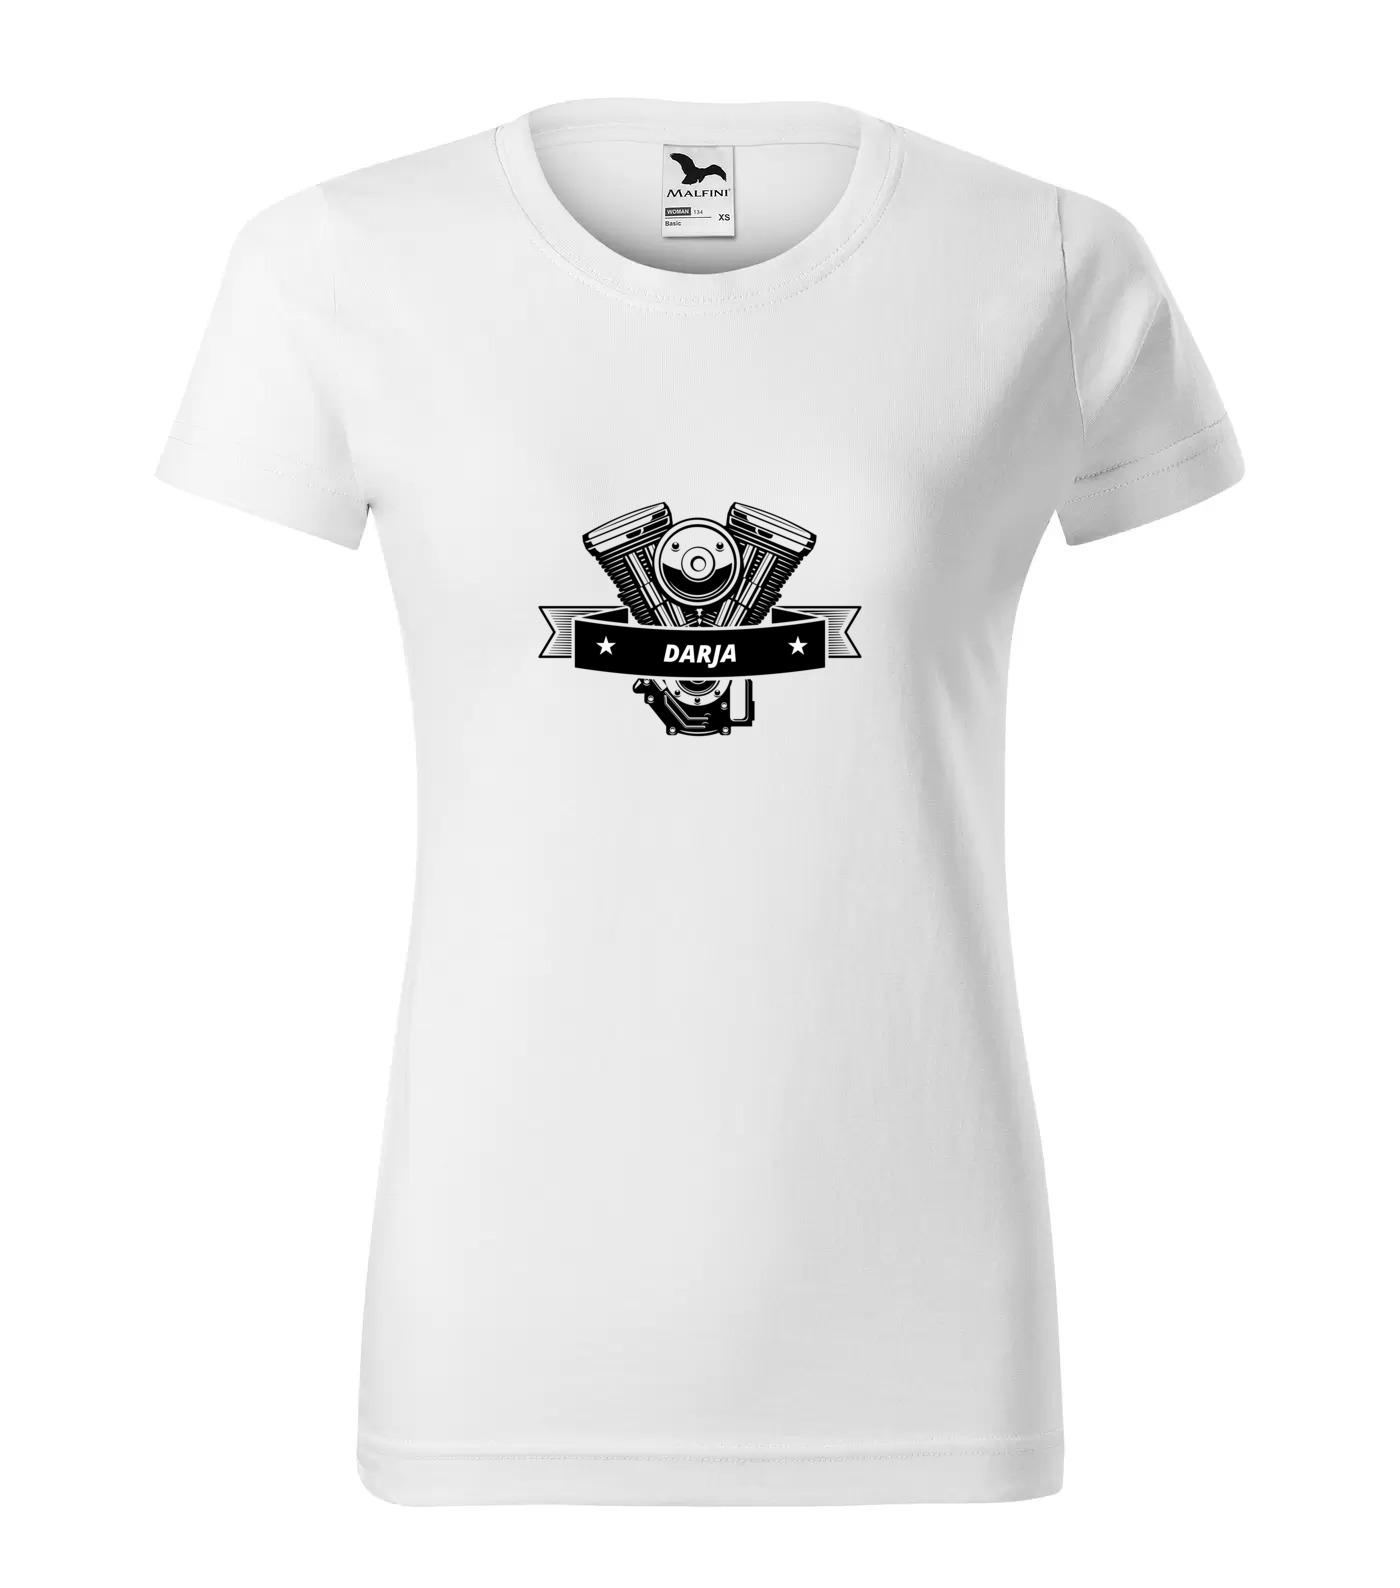 Tričko Motorkářka Darja